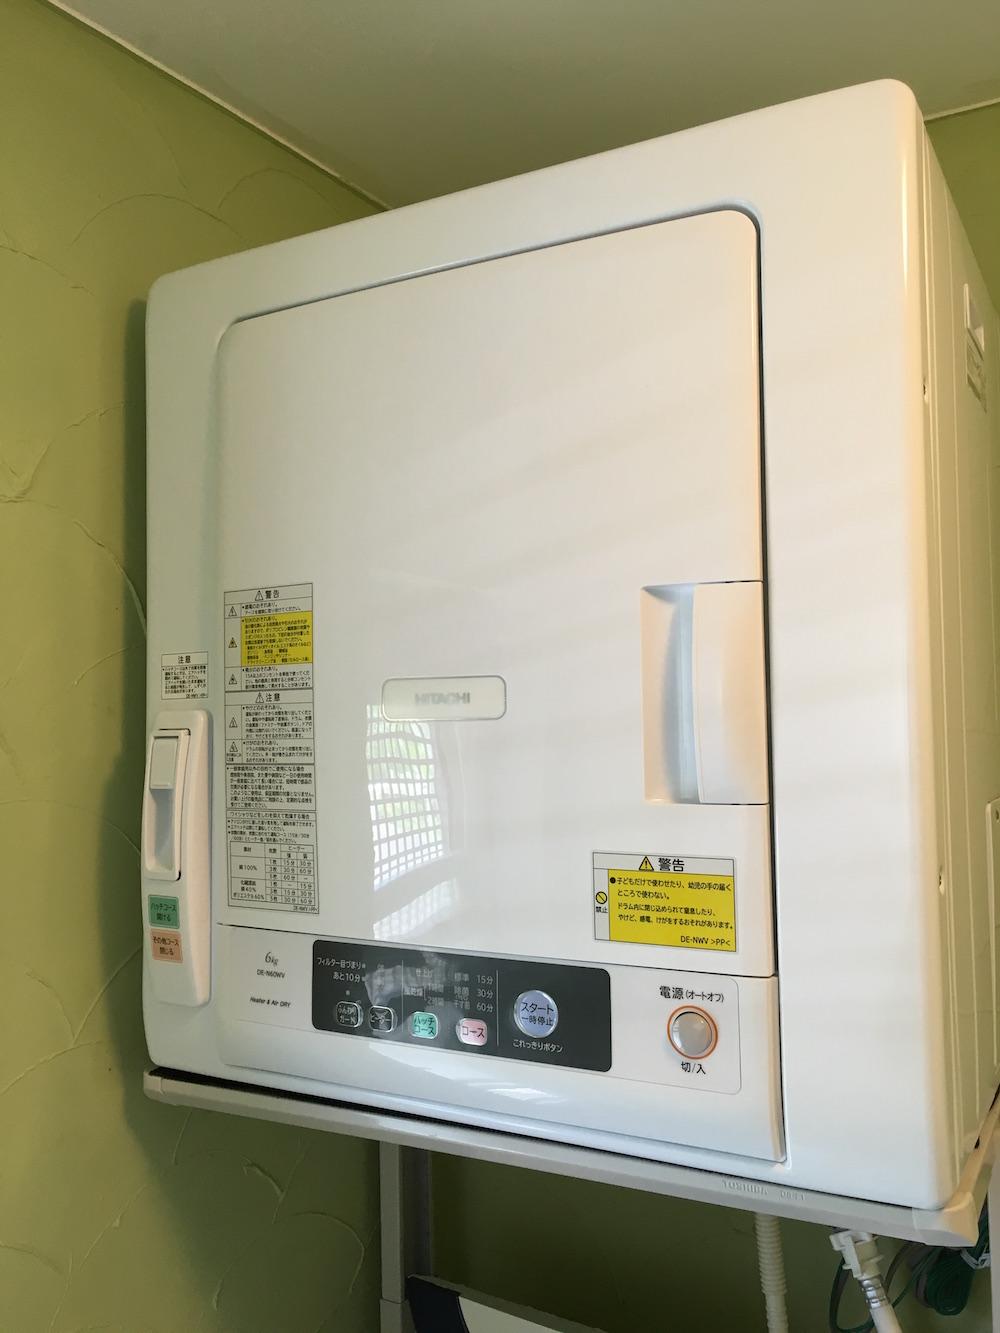 シェアハウス用衣類乾燥機の称号を与えよう